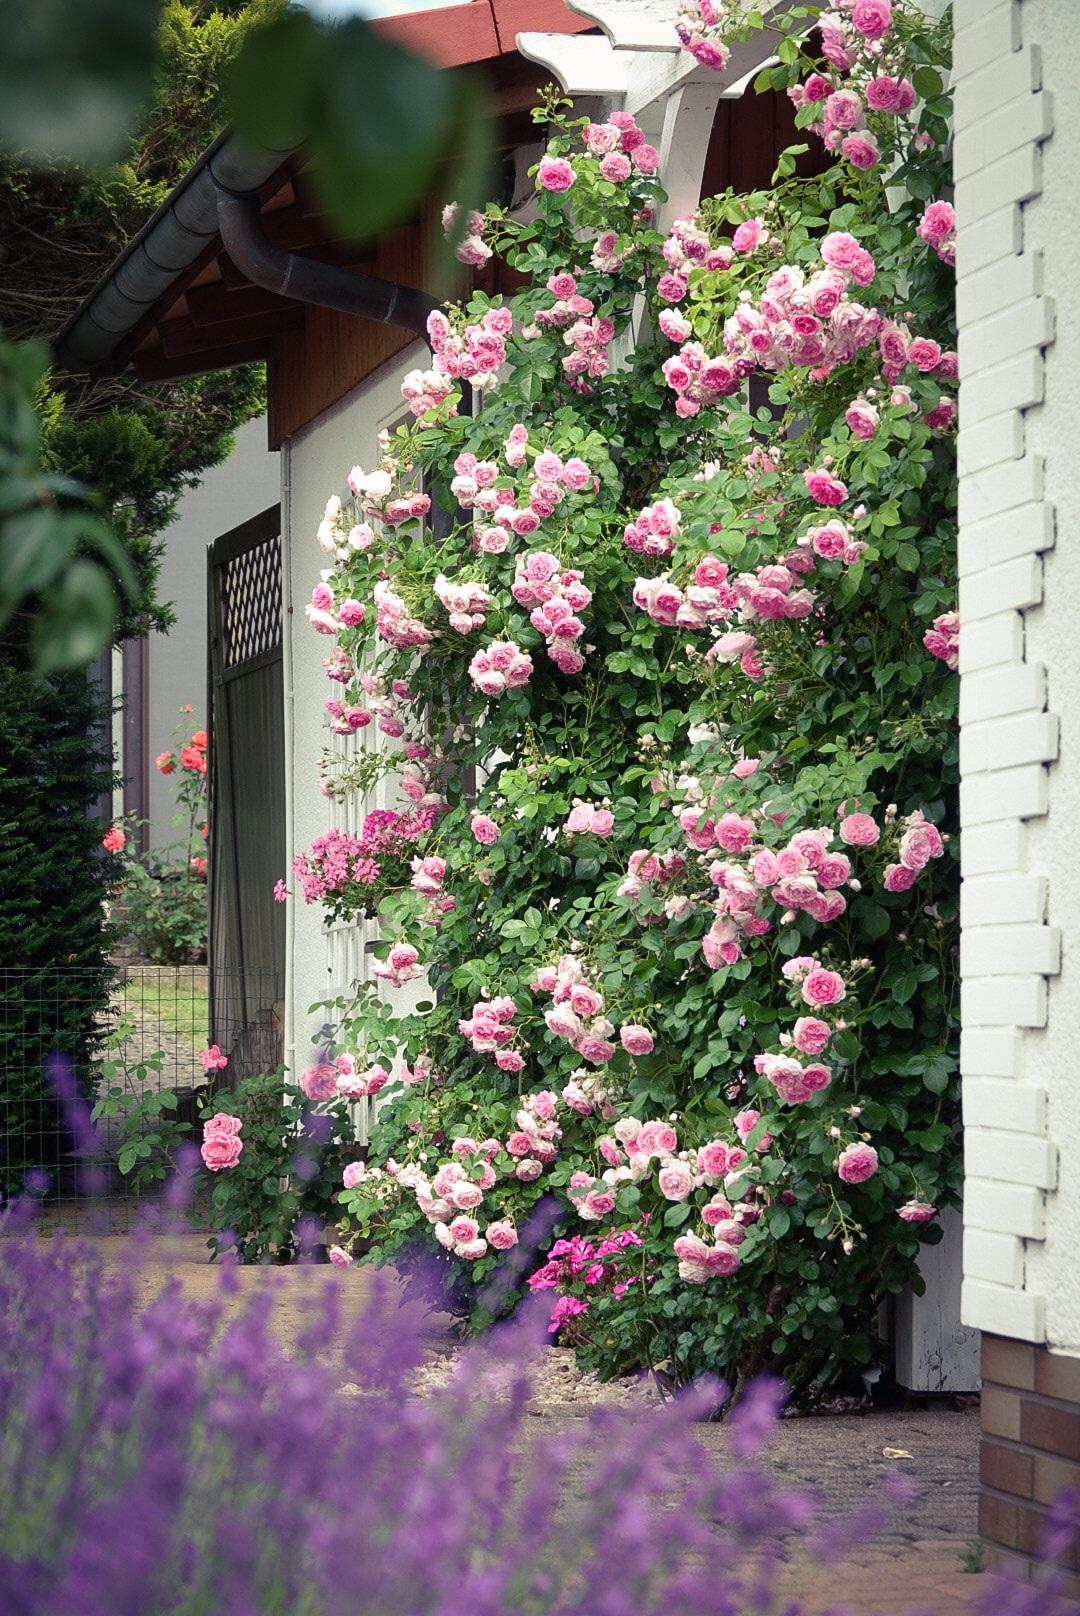 Mãn nhãn nhà vườn triệu bông hồng đẹp như cổ tích của mẹ Việt ở Đức - 2